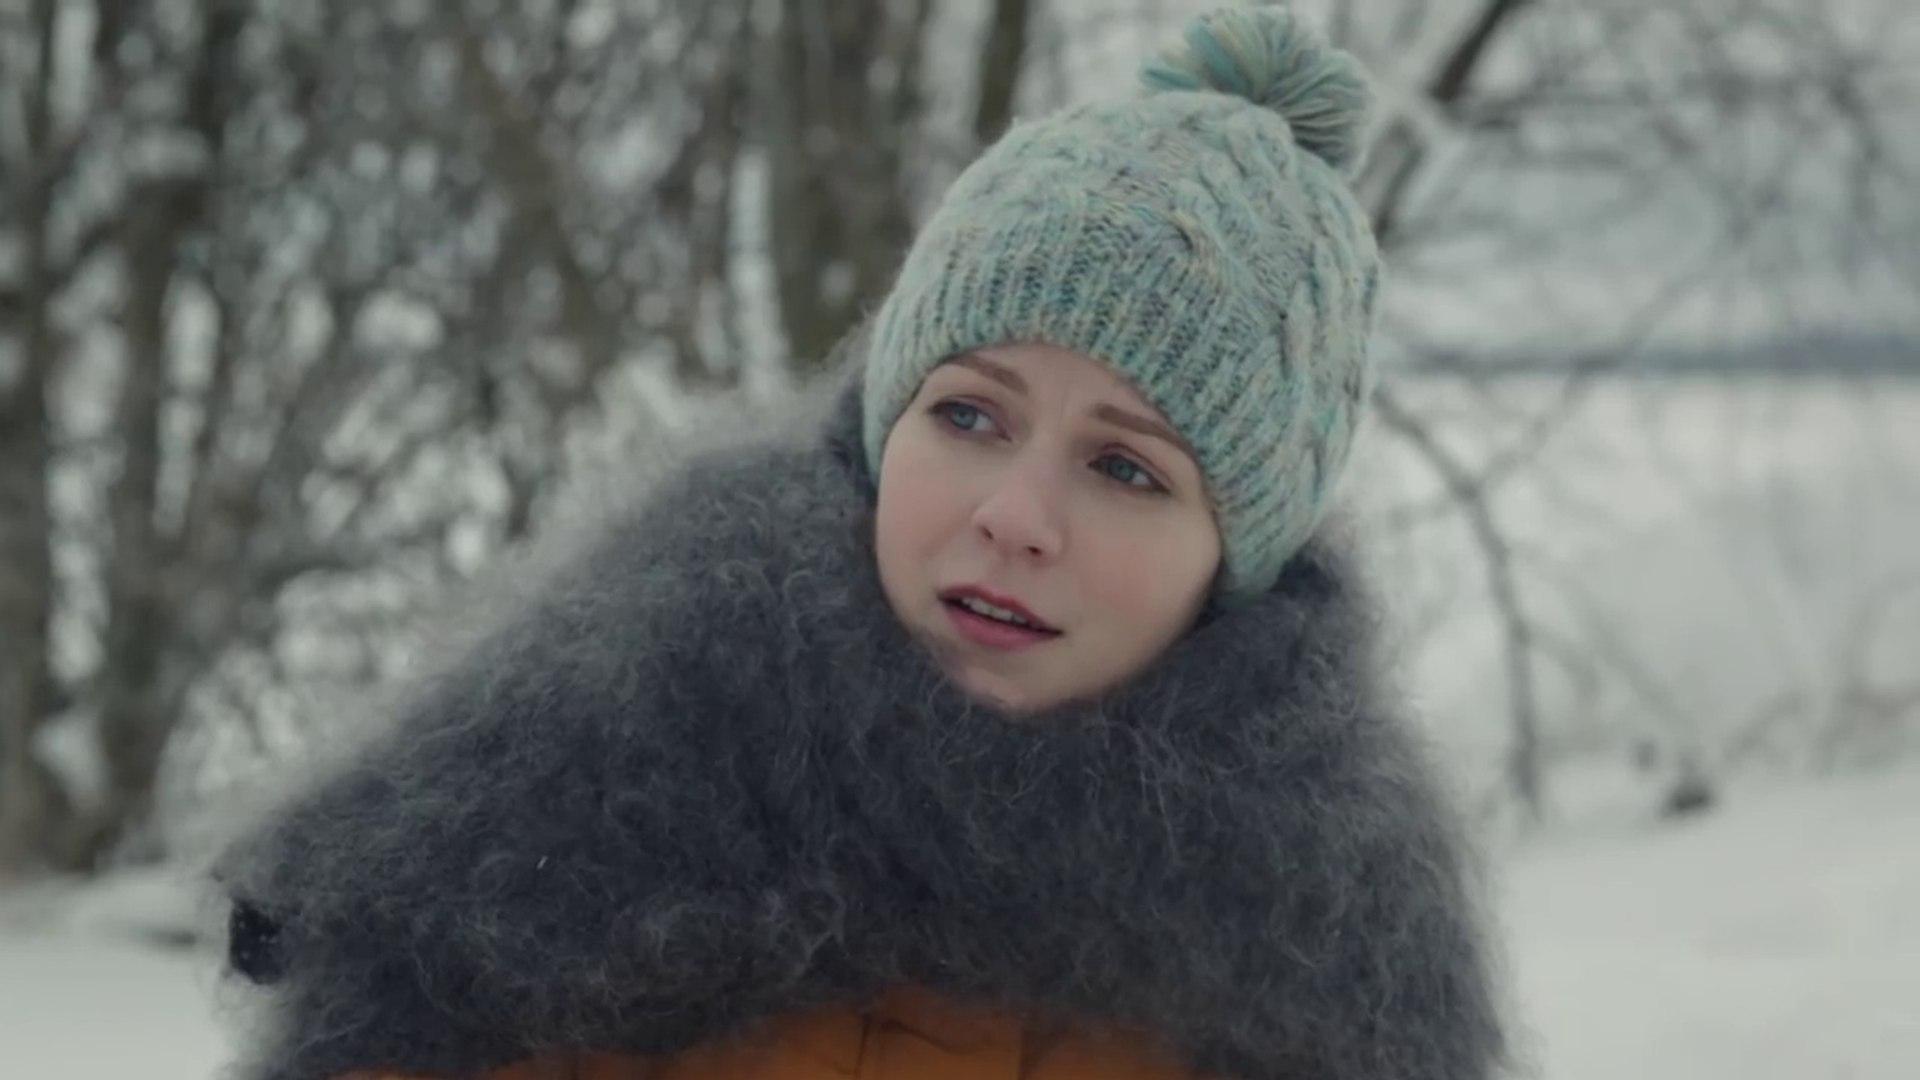 ПЛОХАЯ ДОЧЬ. Прекрасная Мелодрама 2018 HD! Русские Фильмы Мелодрамы